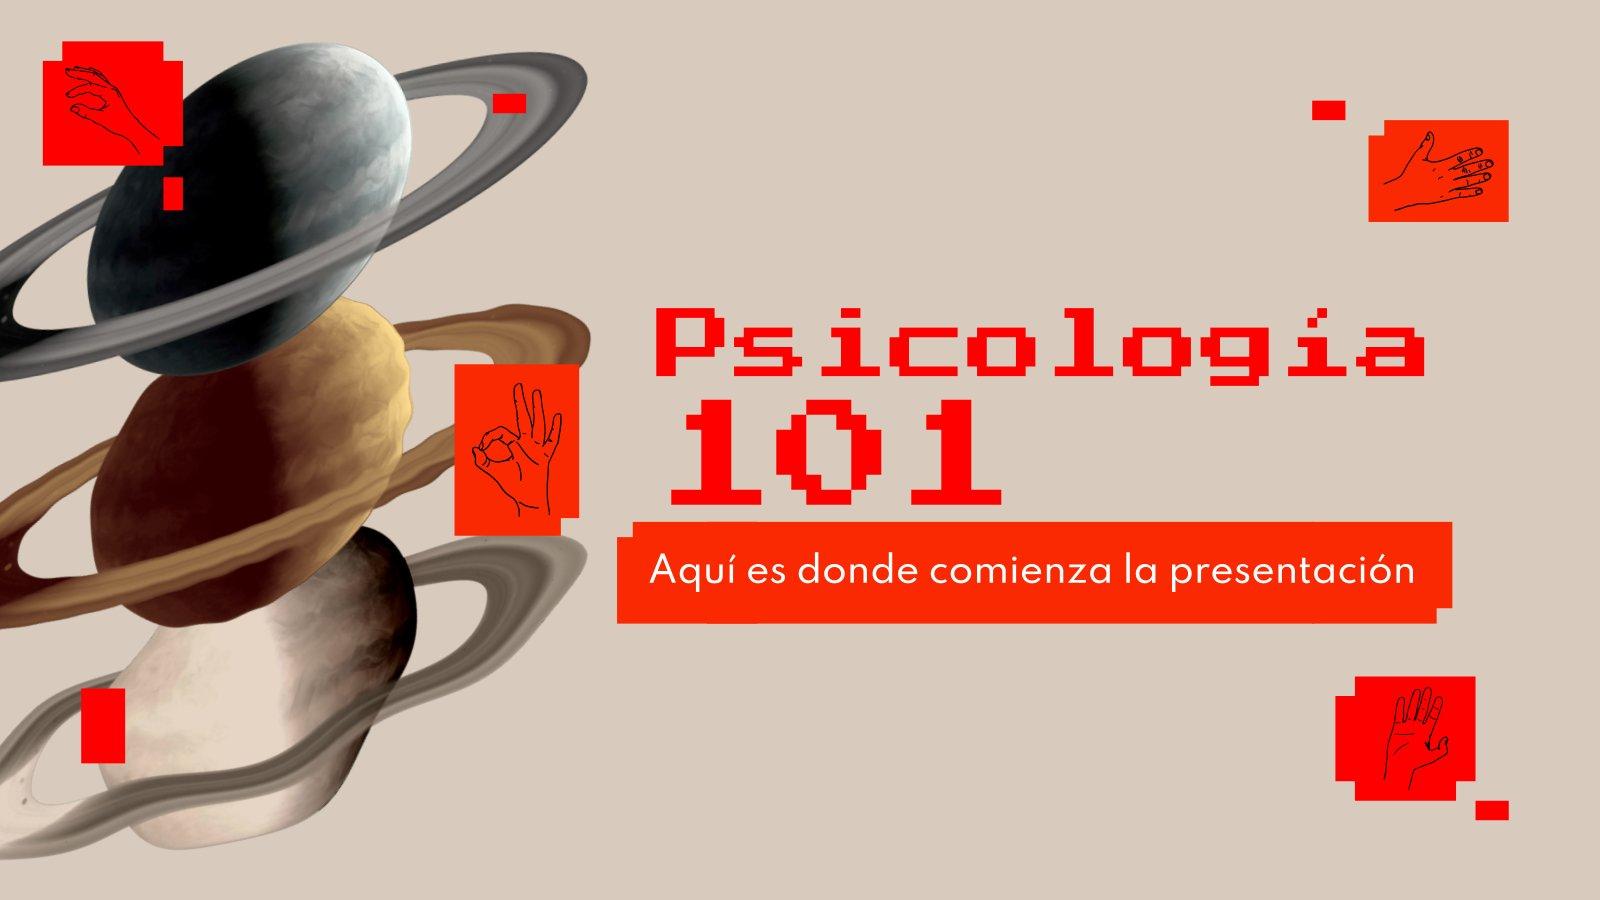 Psicología 101 presentation template